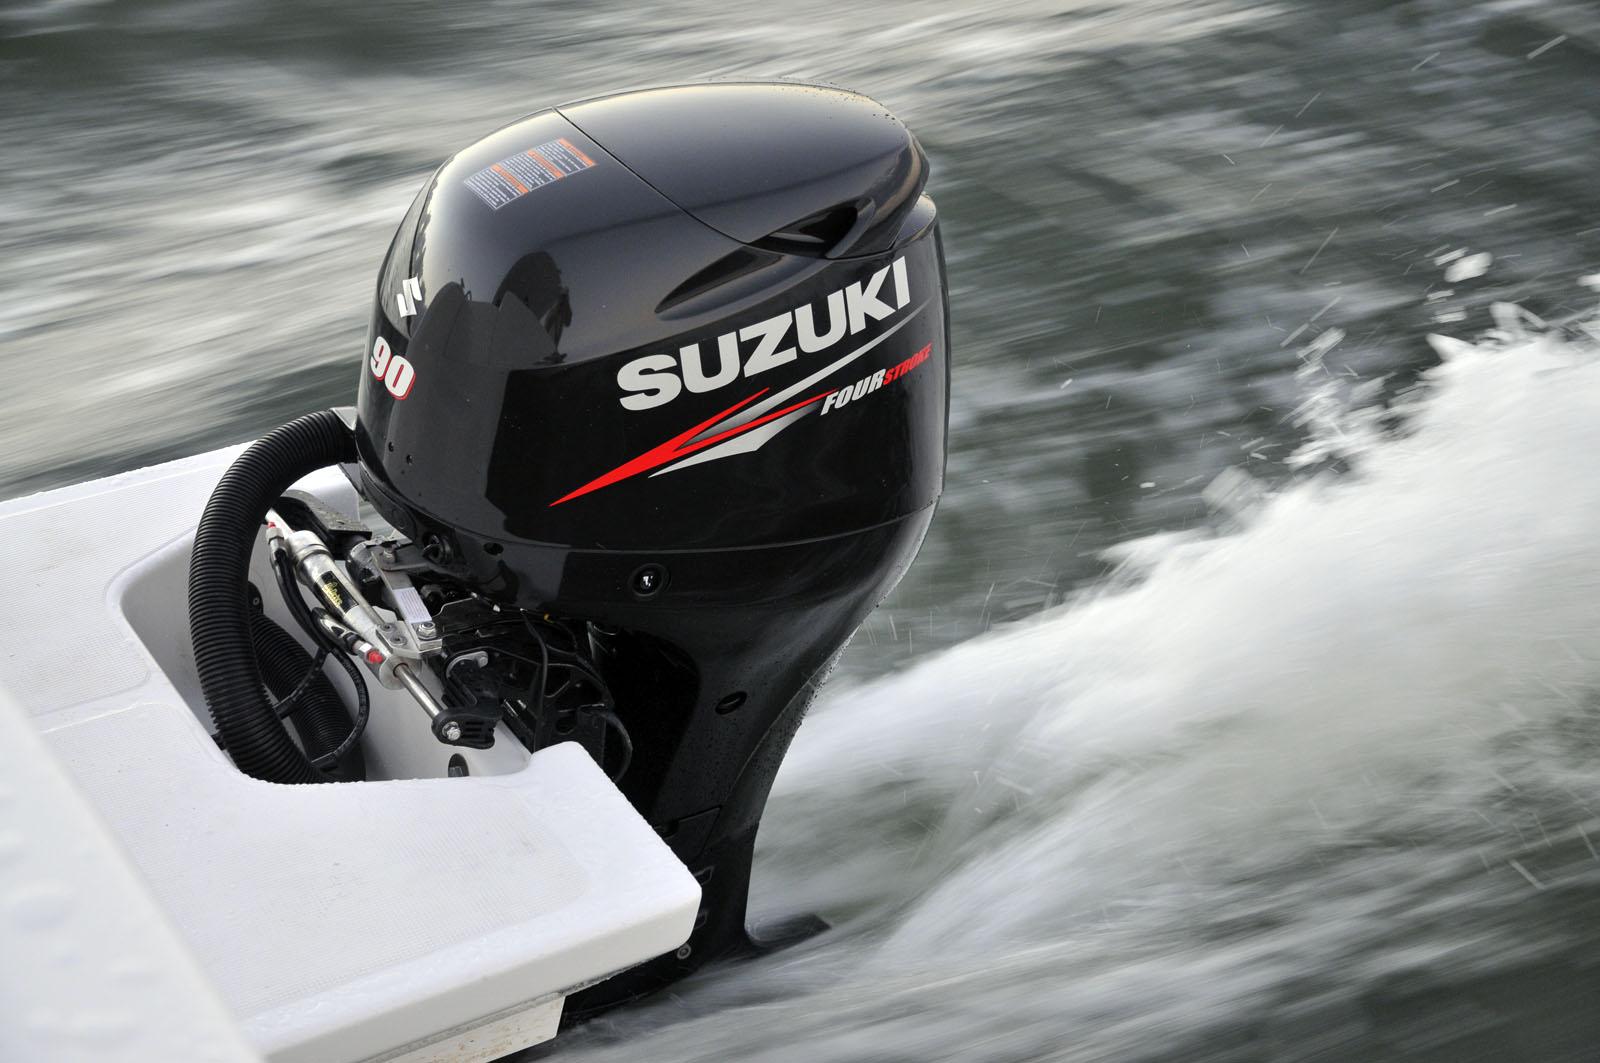 Suzuki 90 Pk